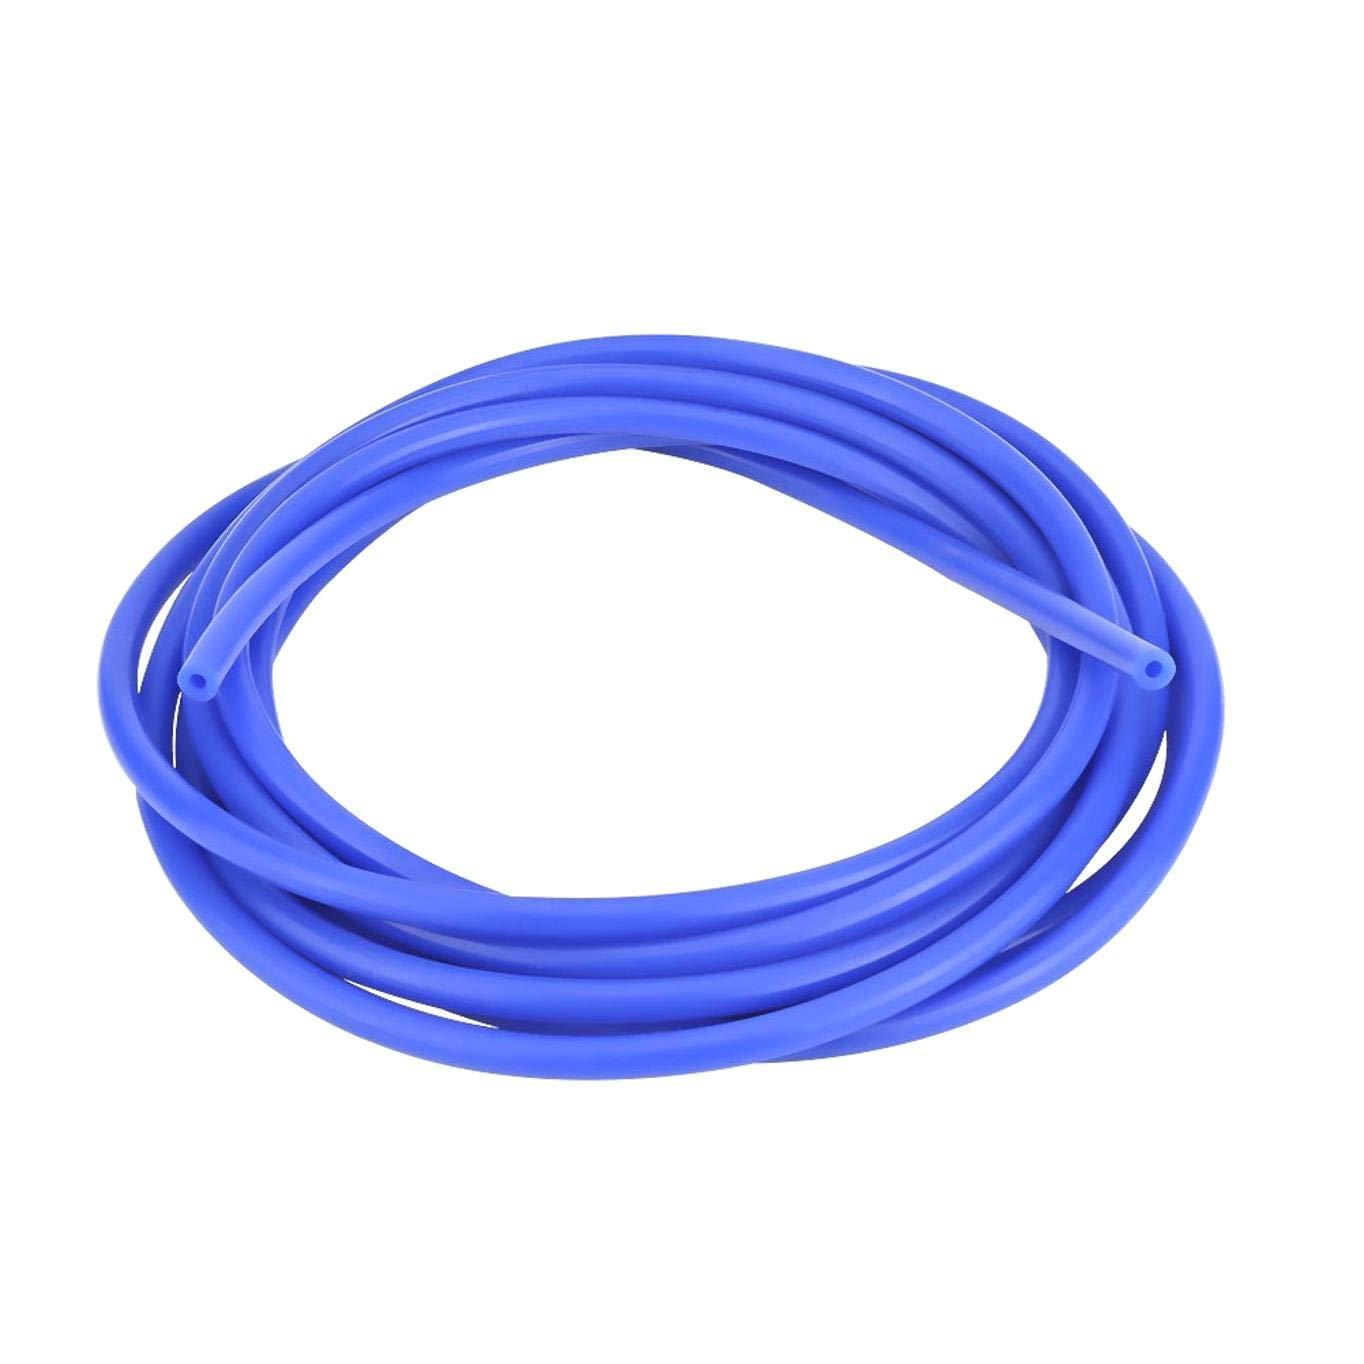 Tubo in Silicone Blu Tubo per Tubi in Silicone ZXYAN Tubo Universale per Auto in Silicone da 5 Metri 4 mm